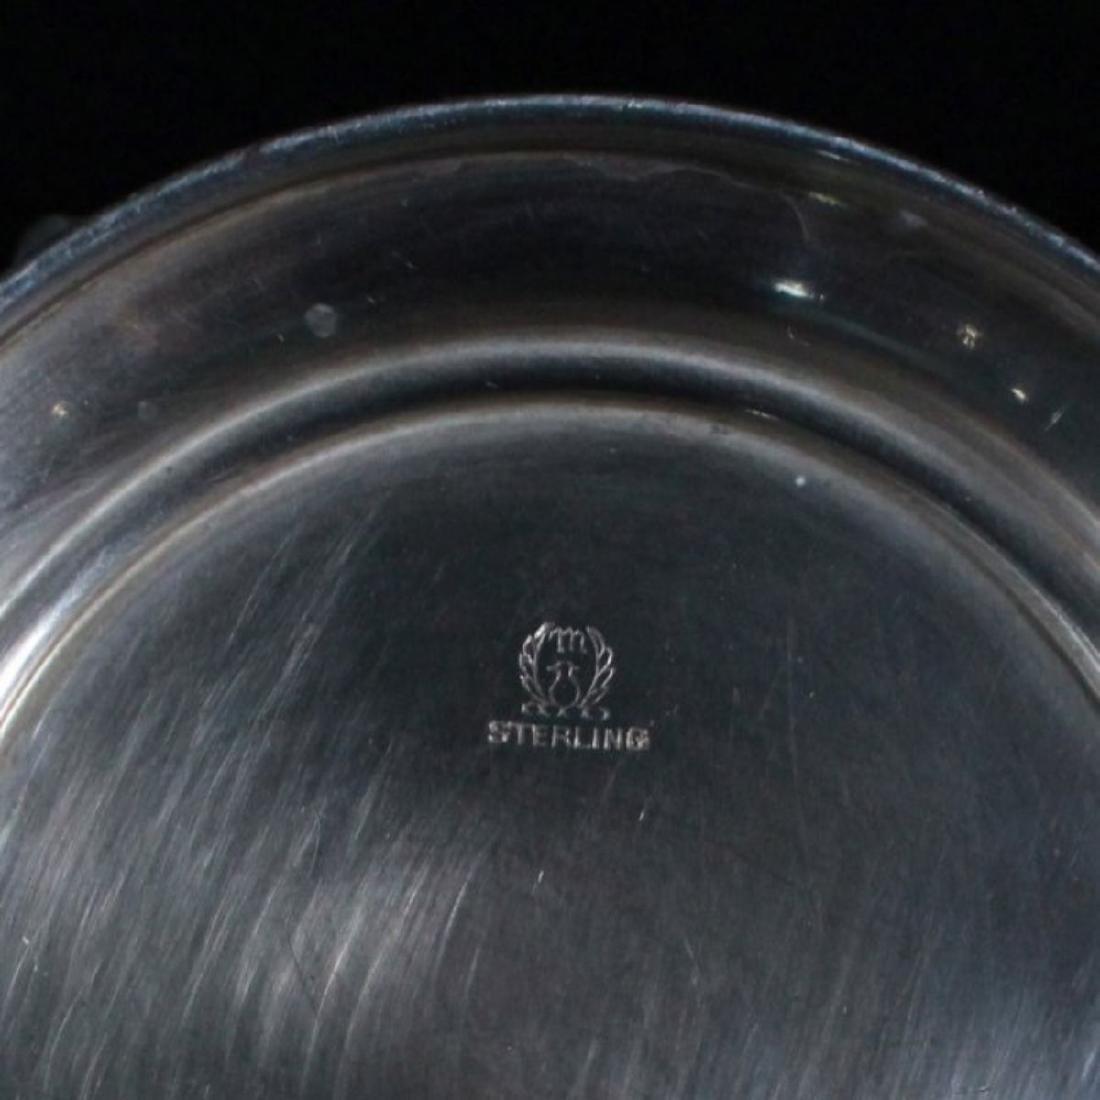 SET OF 6 STERLING SILVER RAMEKIN HOLDER - 5